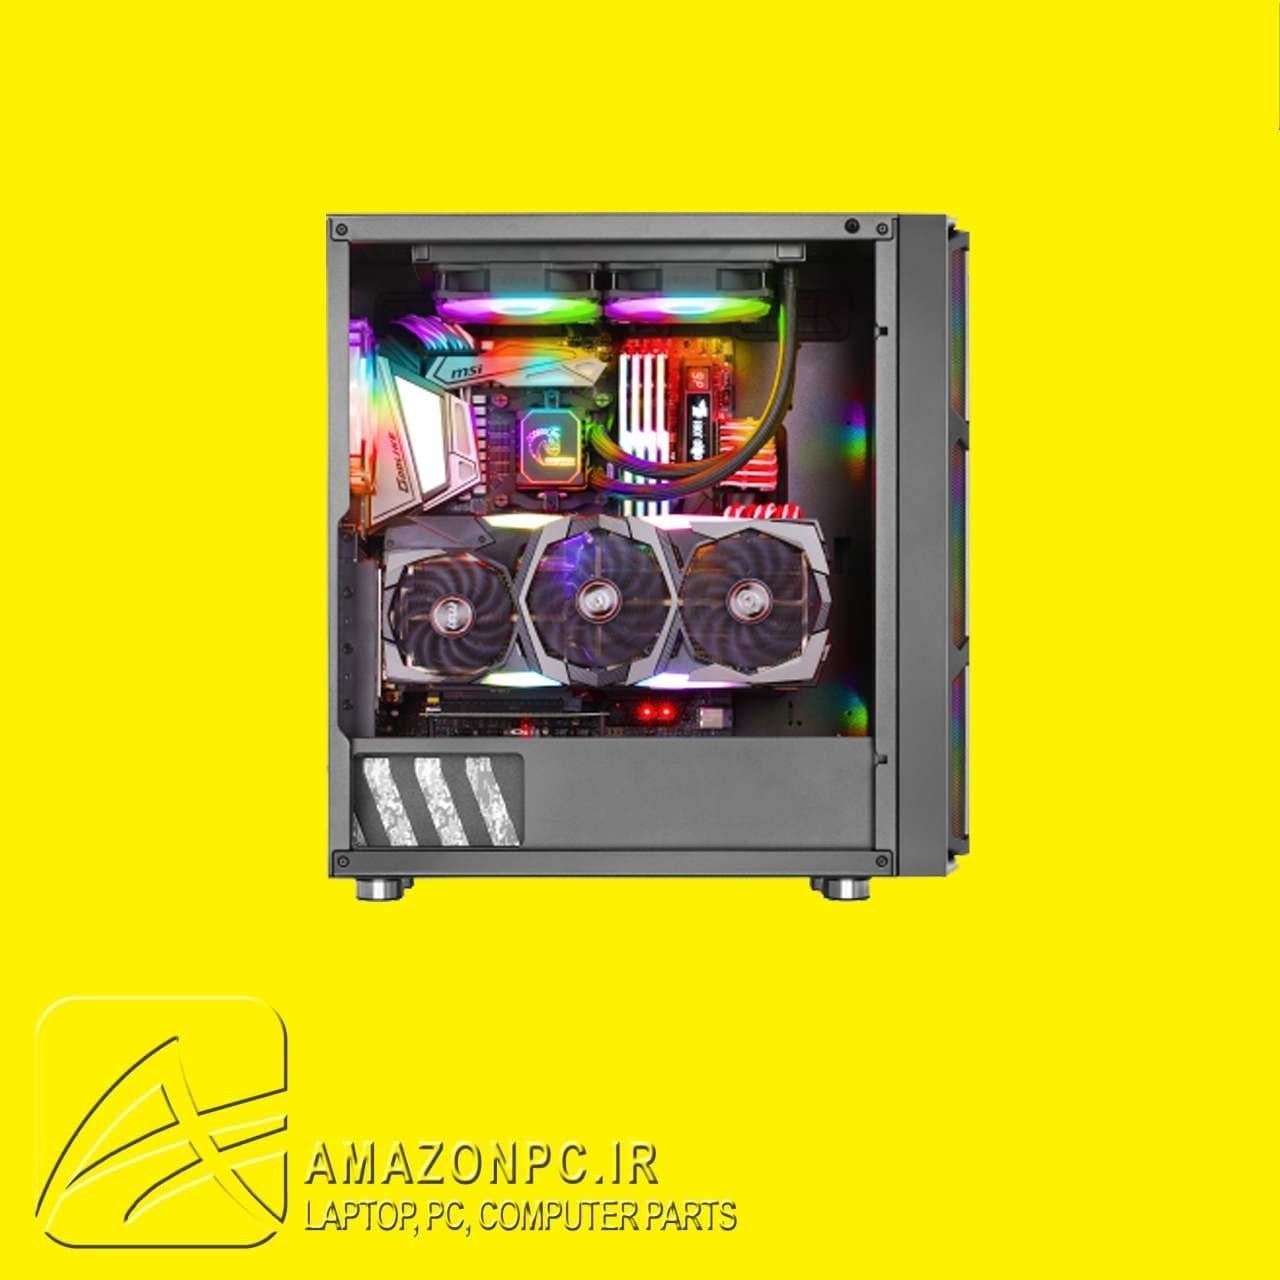 تصویر کیس کامپیوتر گرین مدل G6 کیس کامپیوتر گرین مدل G6